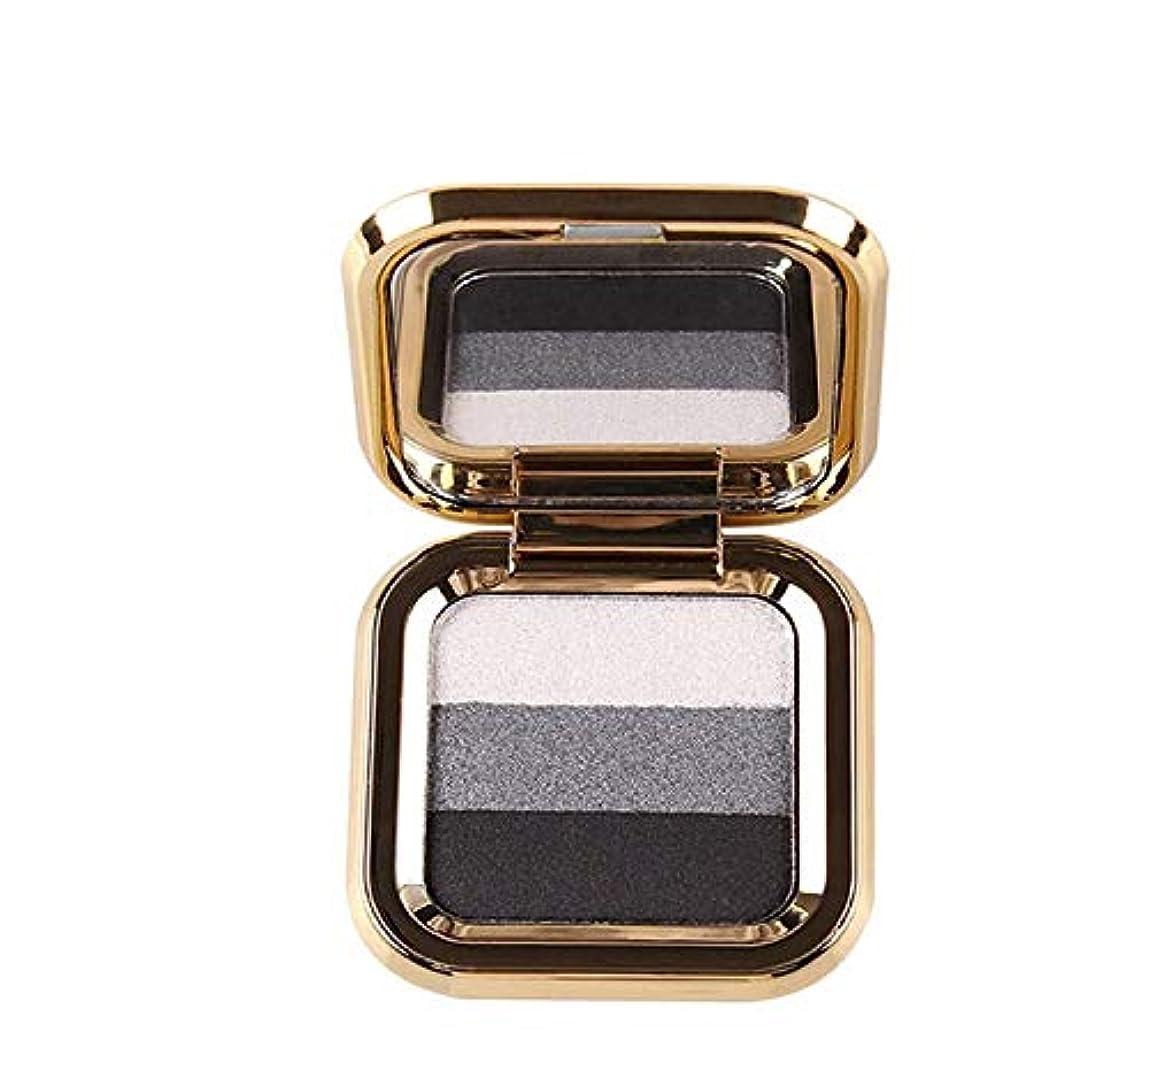 流用する受粉するにもかかわらずAYYK 最高のプロアイシャドーパレットメイクアップ - マット+シマー1高顔料 - プロフェッショナルヌードウォームナチュラルブロンズニュートラルスモーキー化粧品アイシャドウ - ラモラエクスポーズド (Color : D)